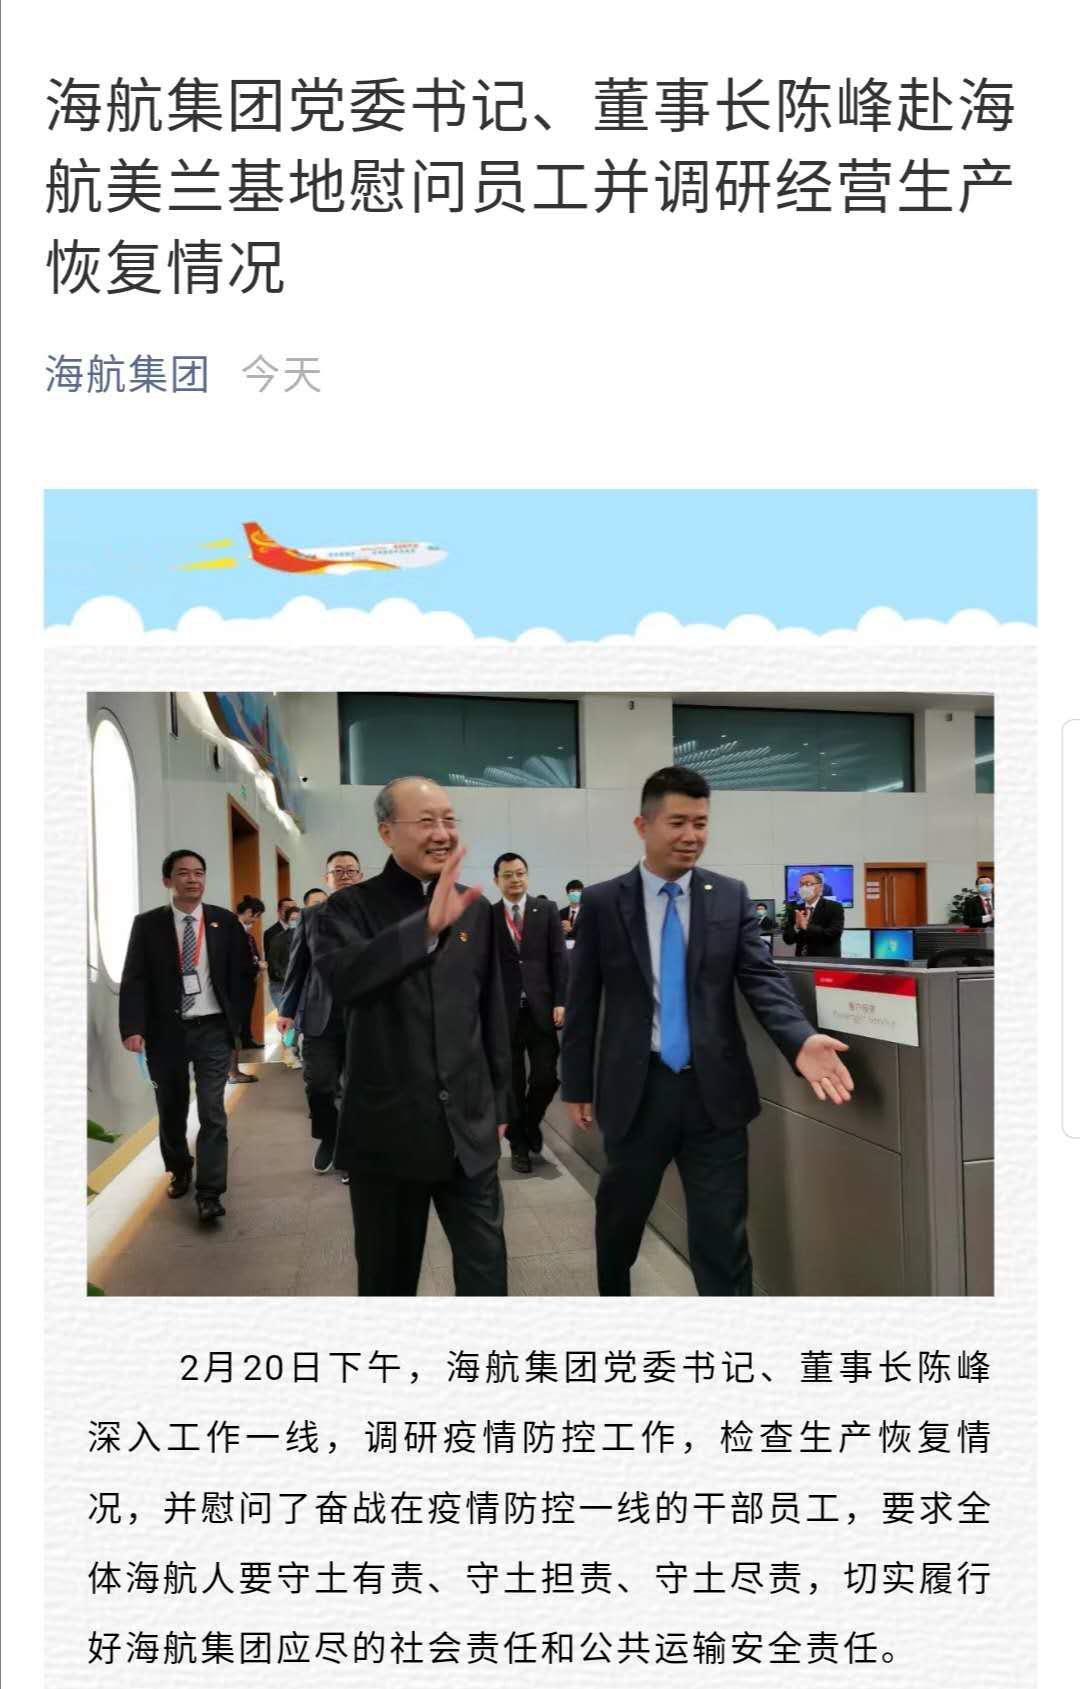 这个时点调研有深意!海航集团董事长陈峰赴美兰基地调研生产恢复情况,传言再打问号